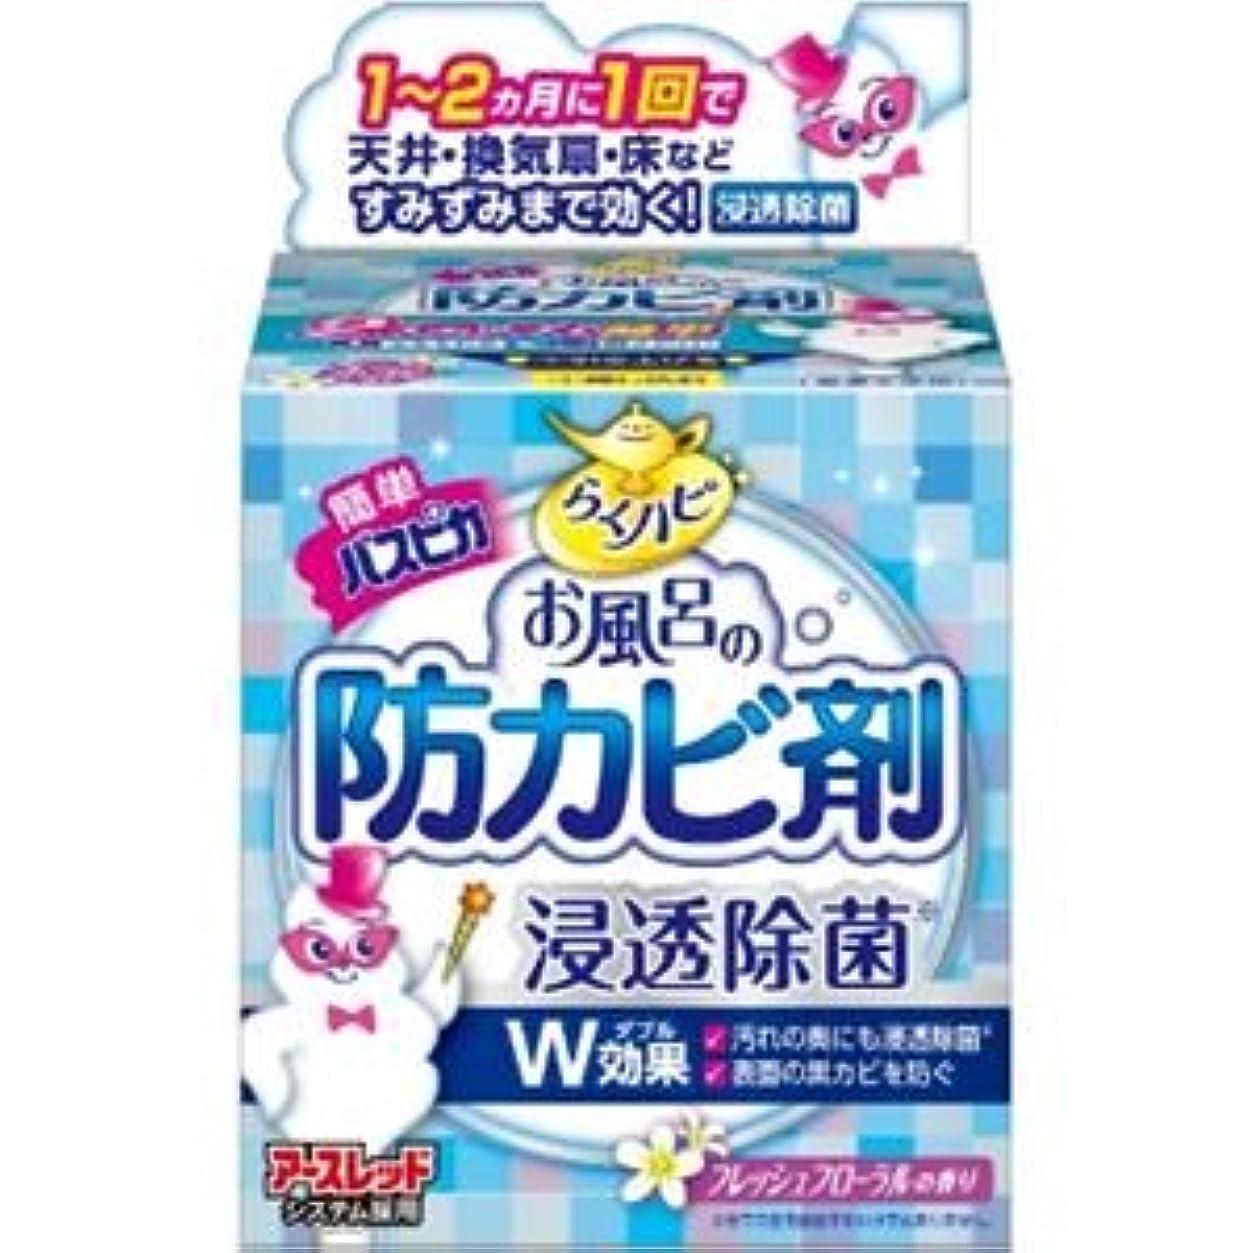 肥料ファンシーチョコレート(まとめ)アース製薬 らくハピお風呂の防カビ剤フローラルの香り 【×3点セット】